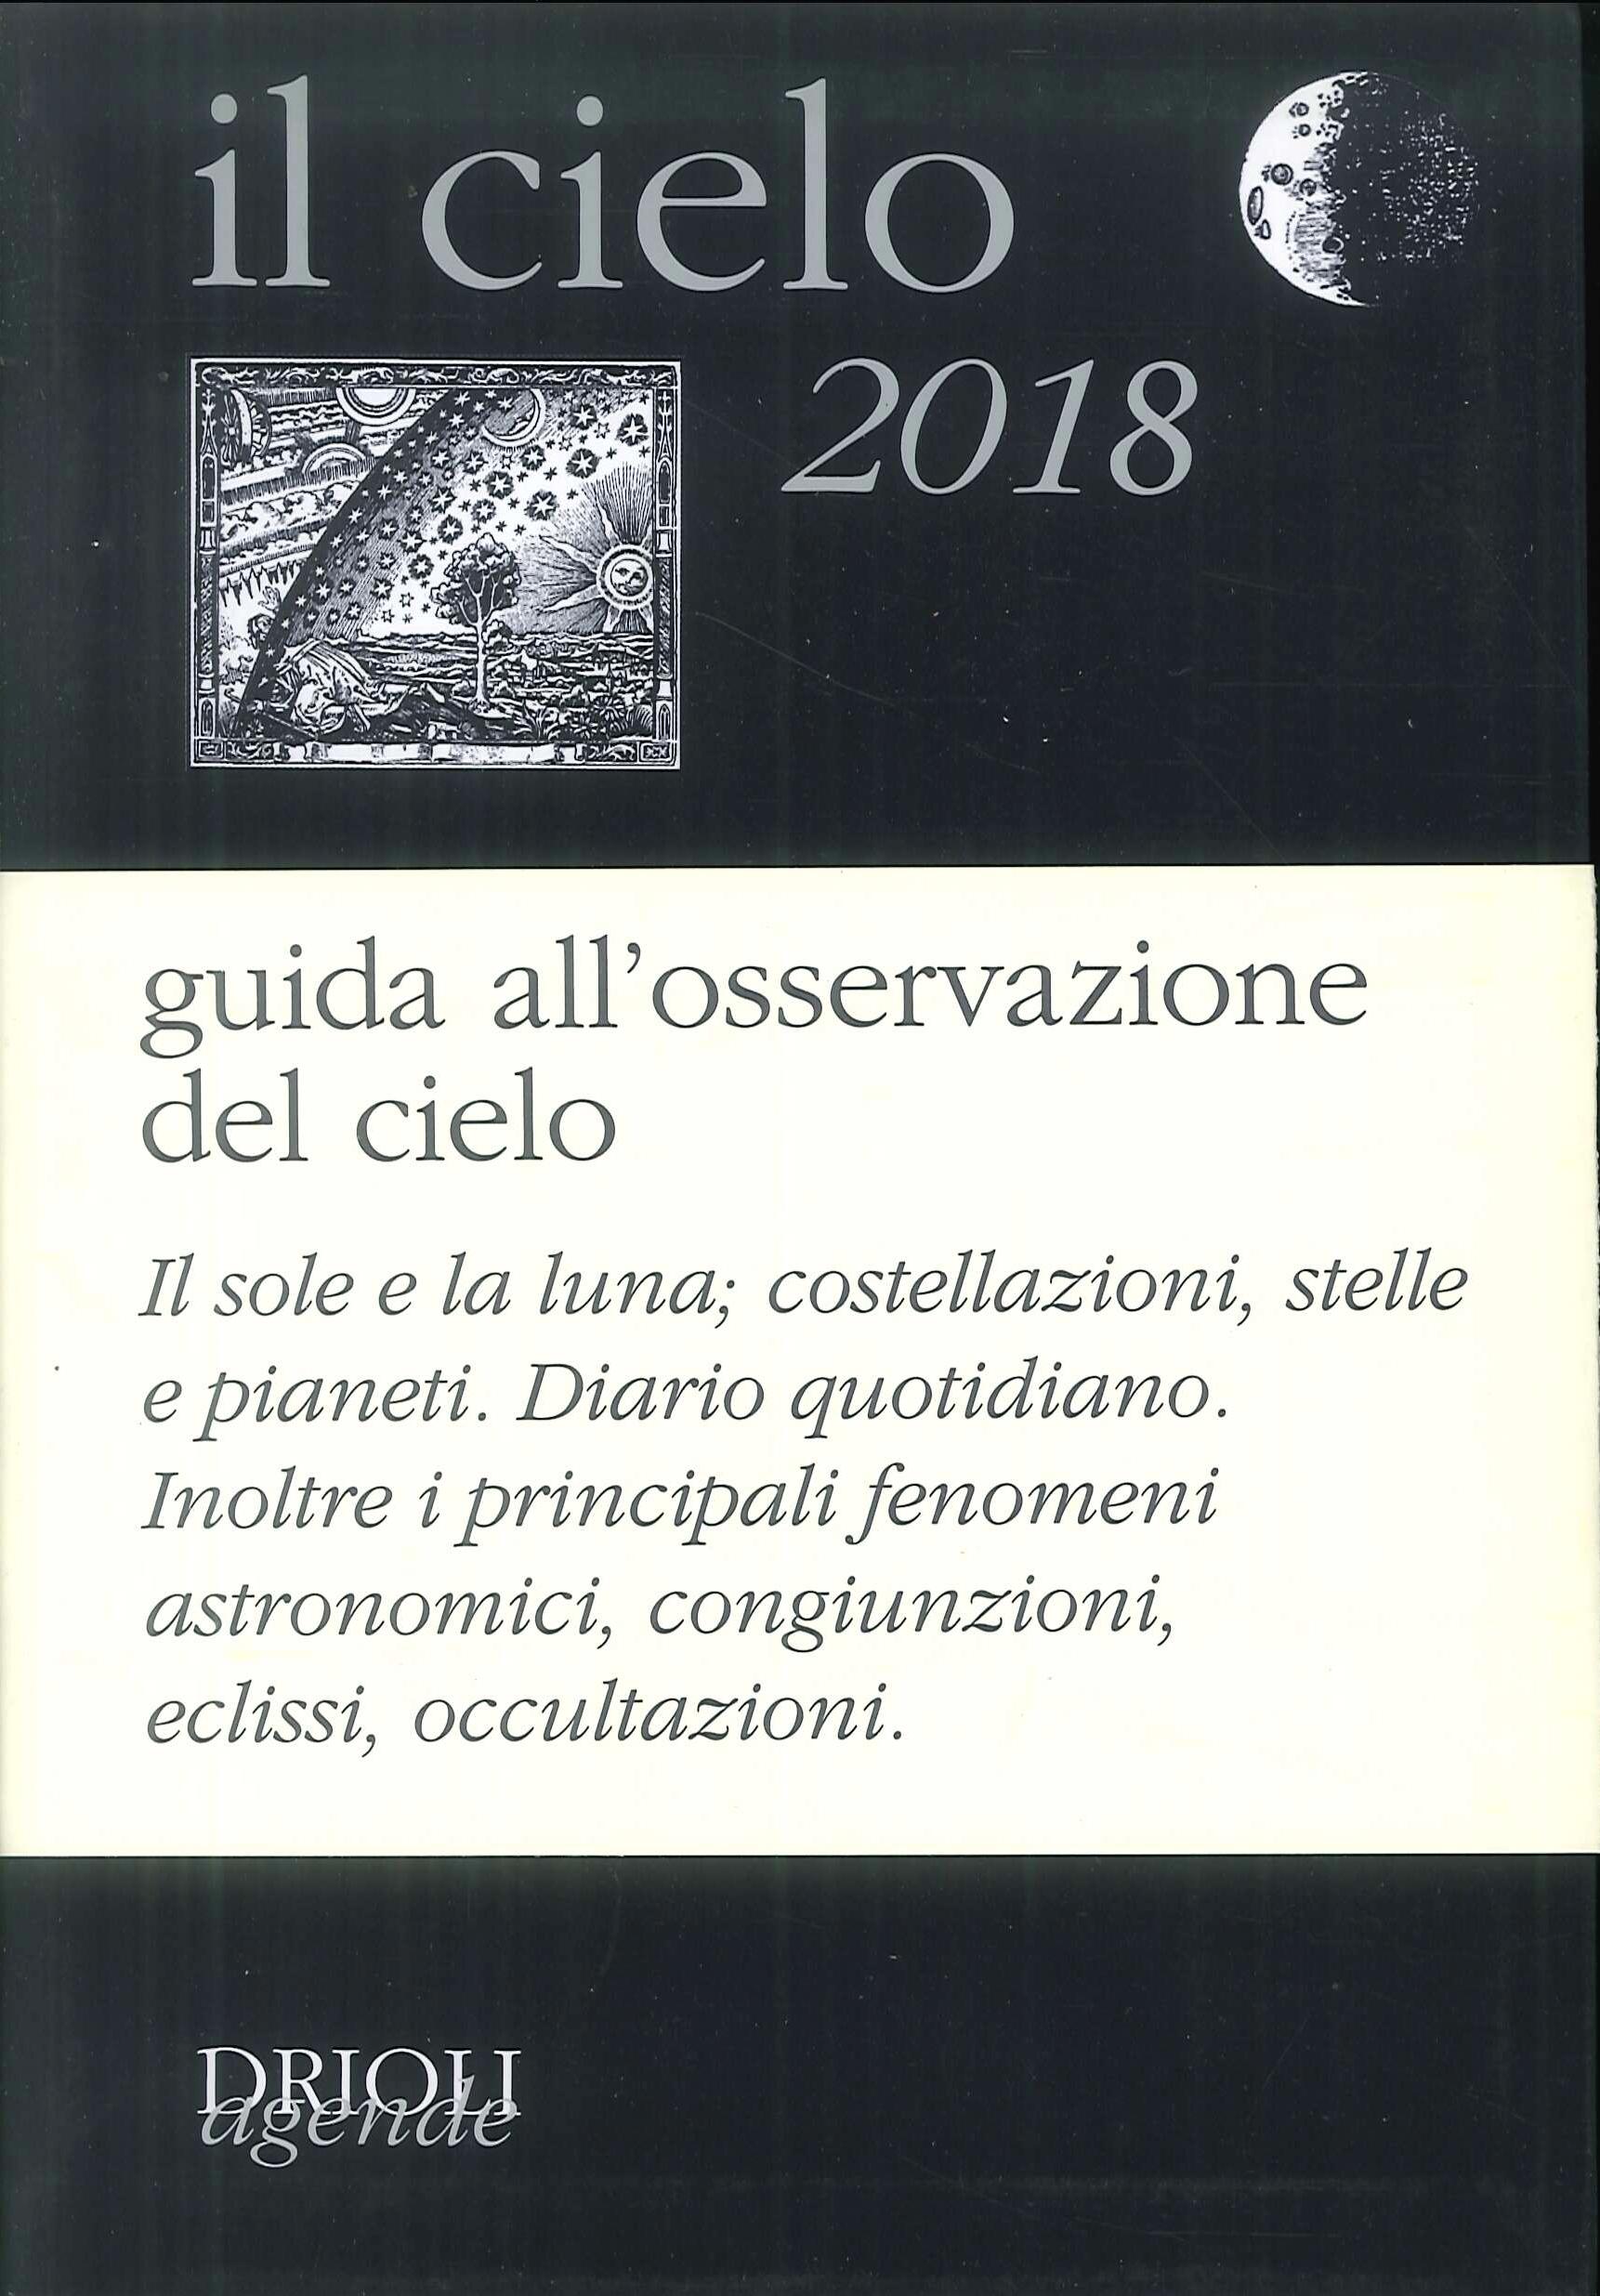 Il cielo 2018. Agenda giornaliera e guida all'osservazione astronomica